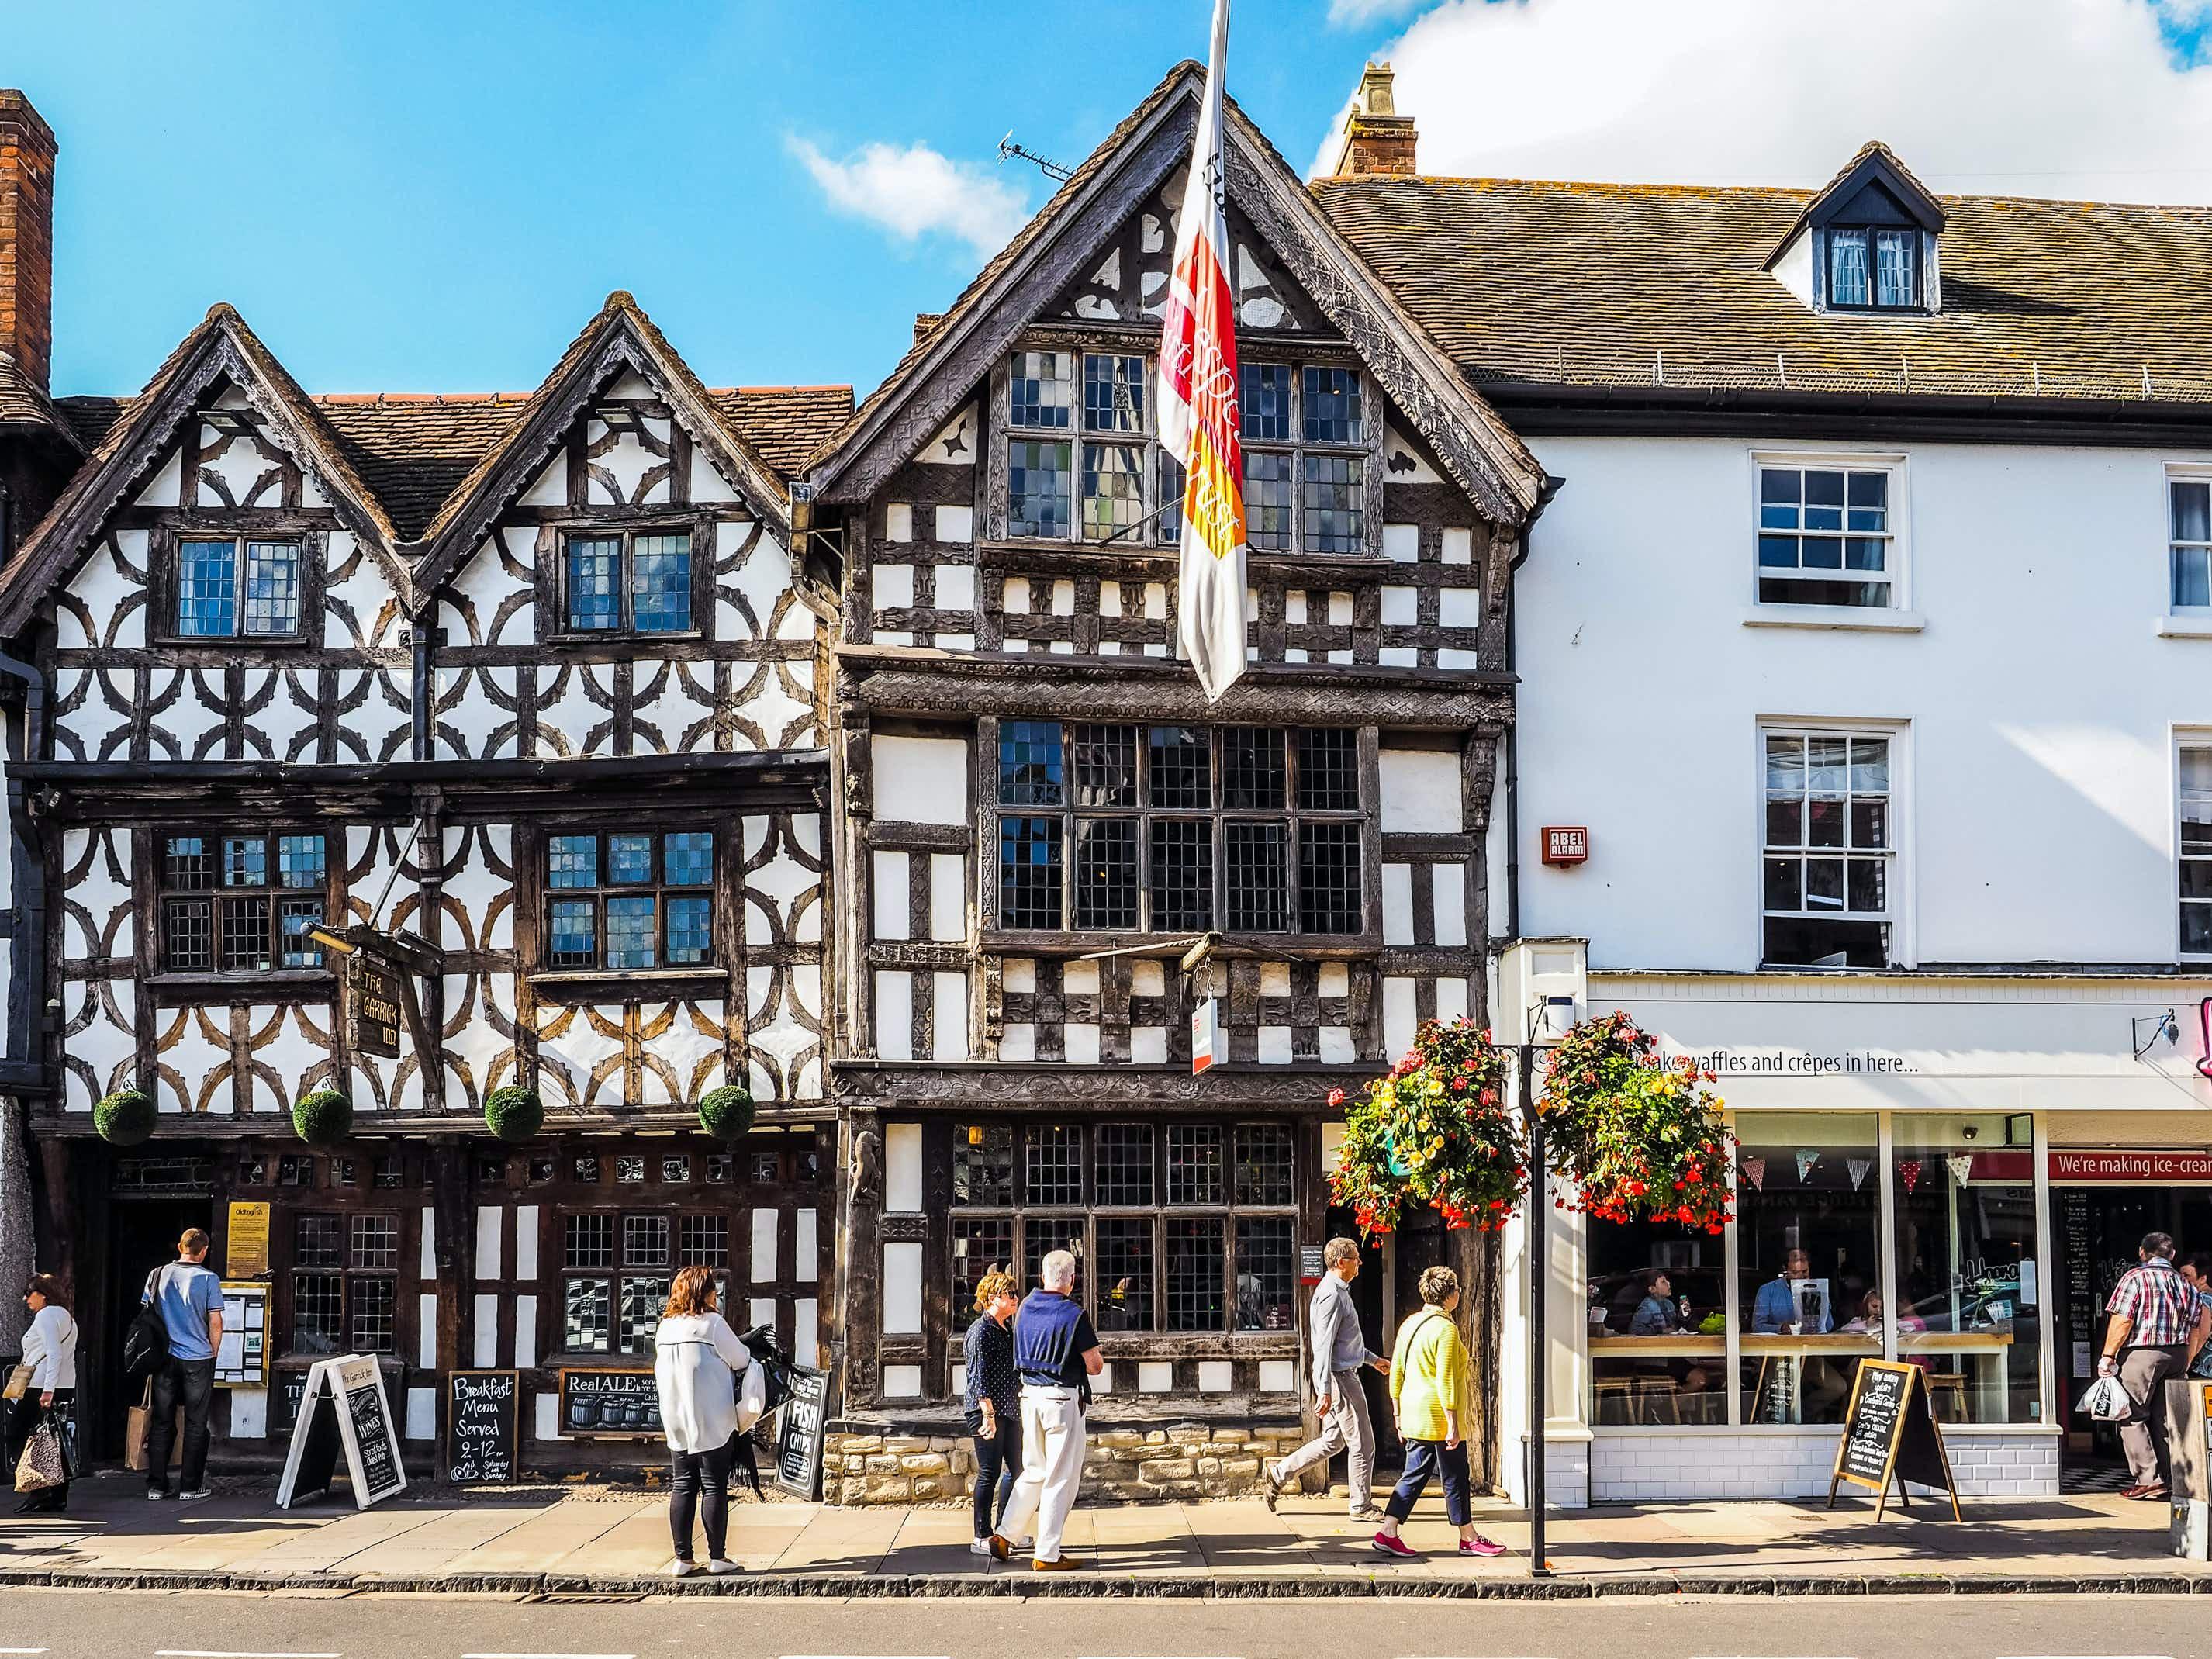 Quaint Tudor houses in Stratford-upon-Avon © Claudio Divizia / Shutterstock